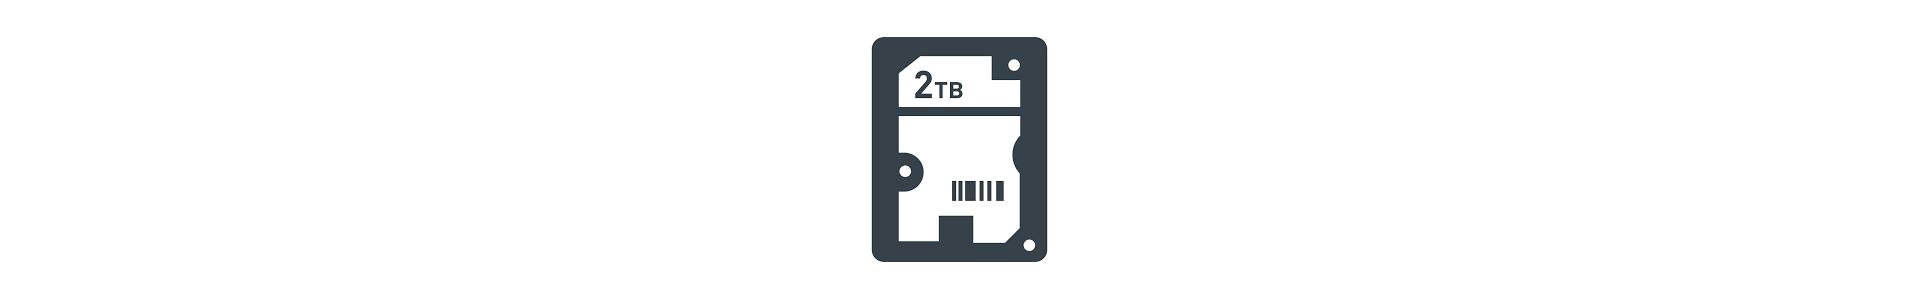 Hdd USB 2TB